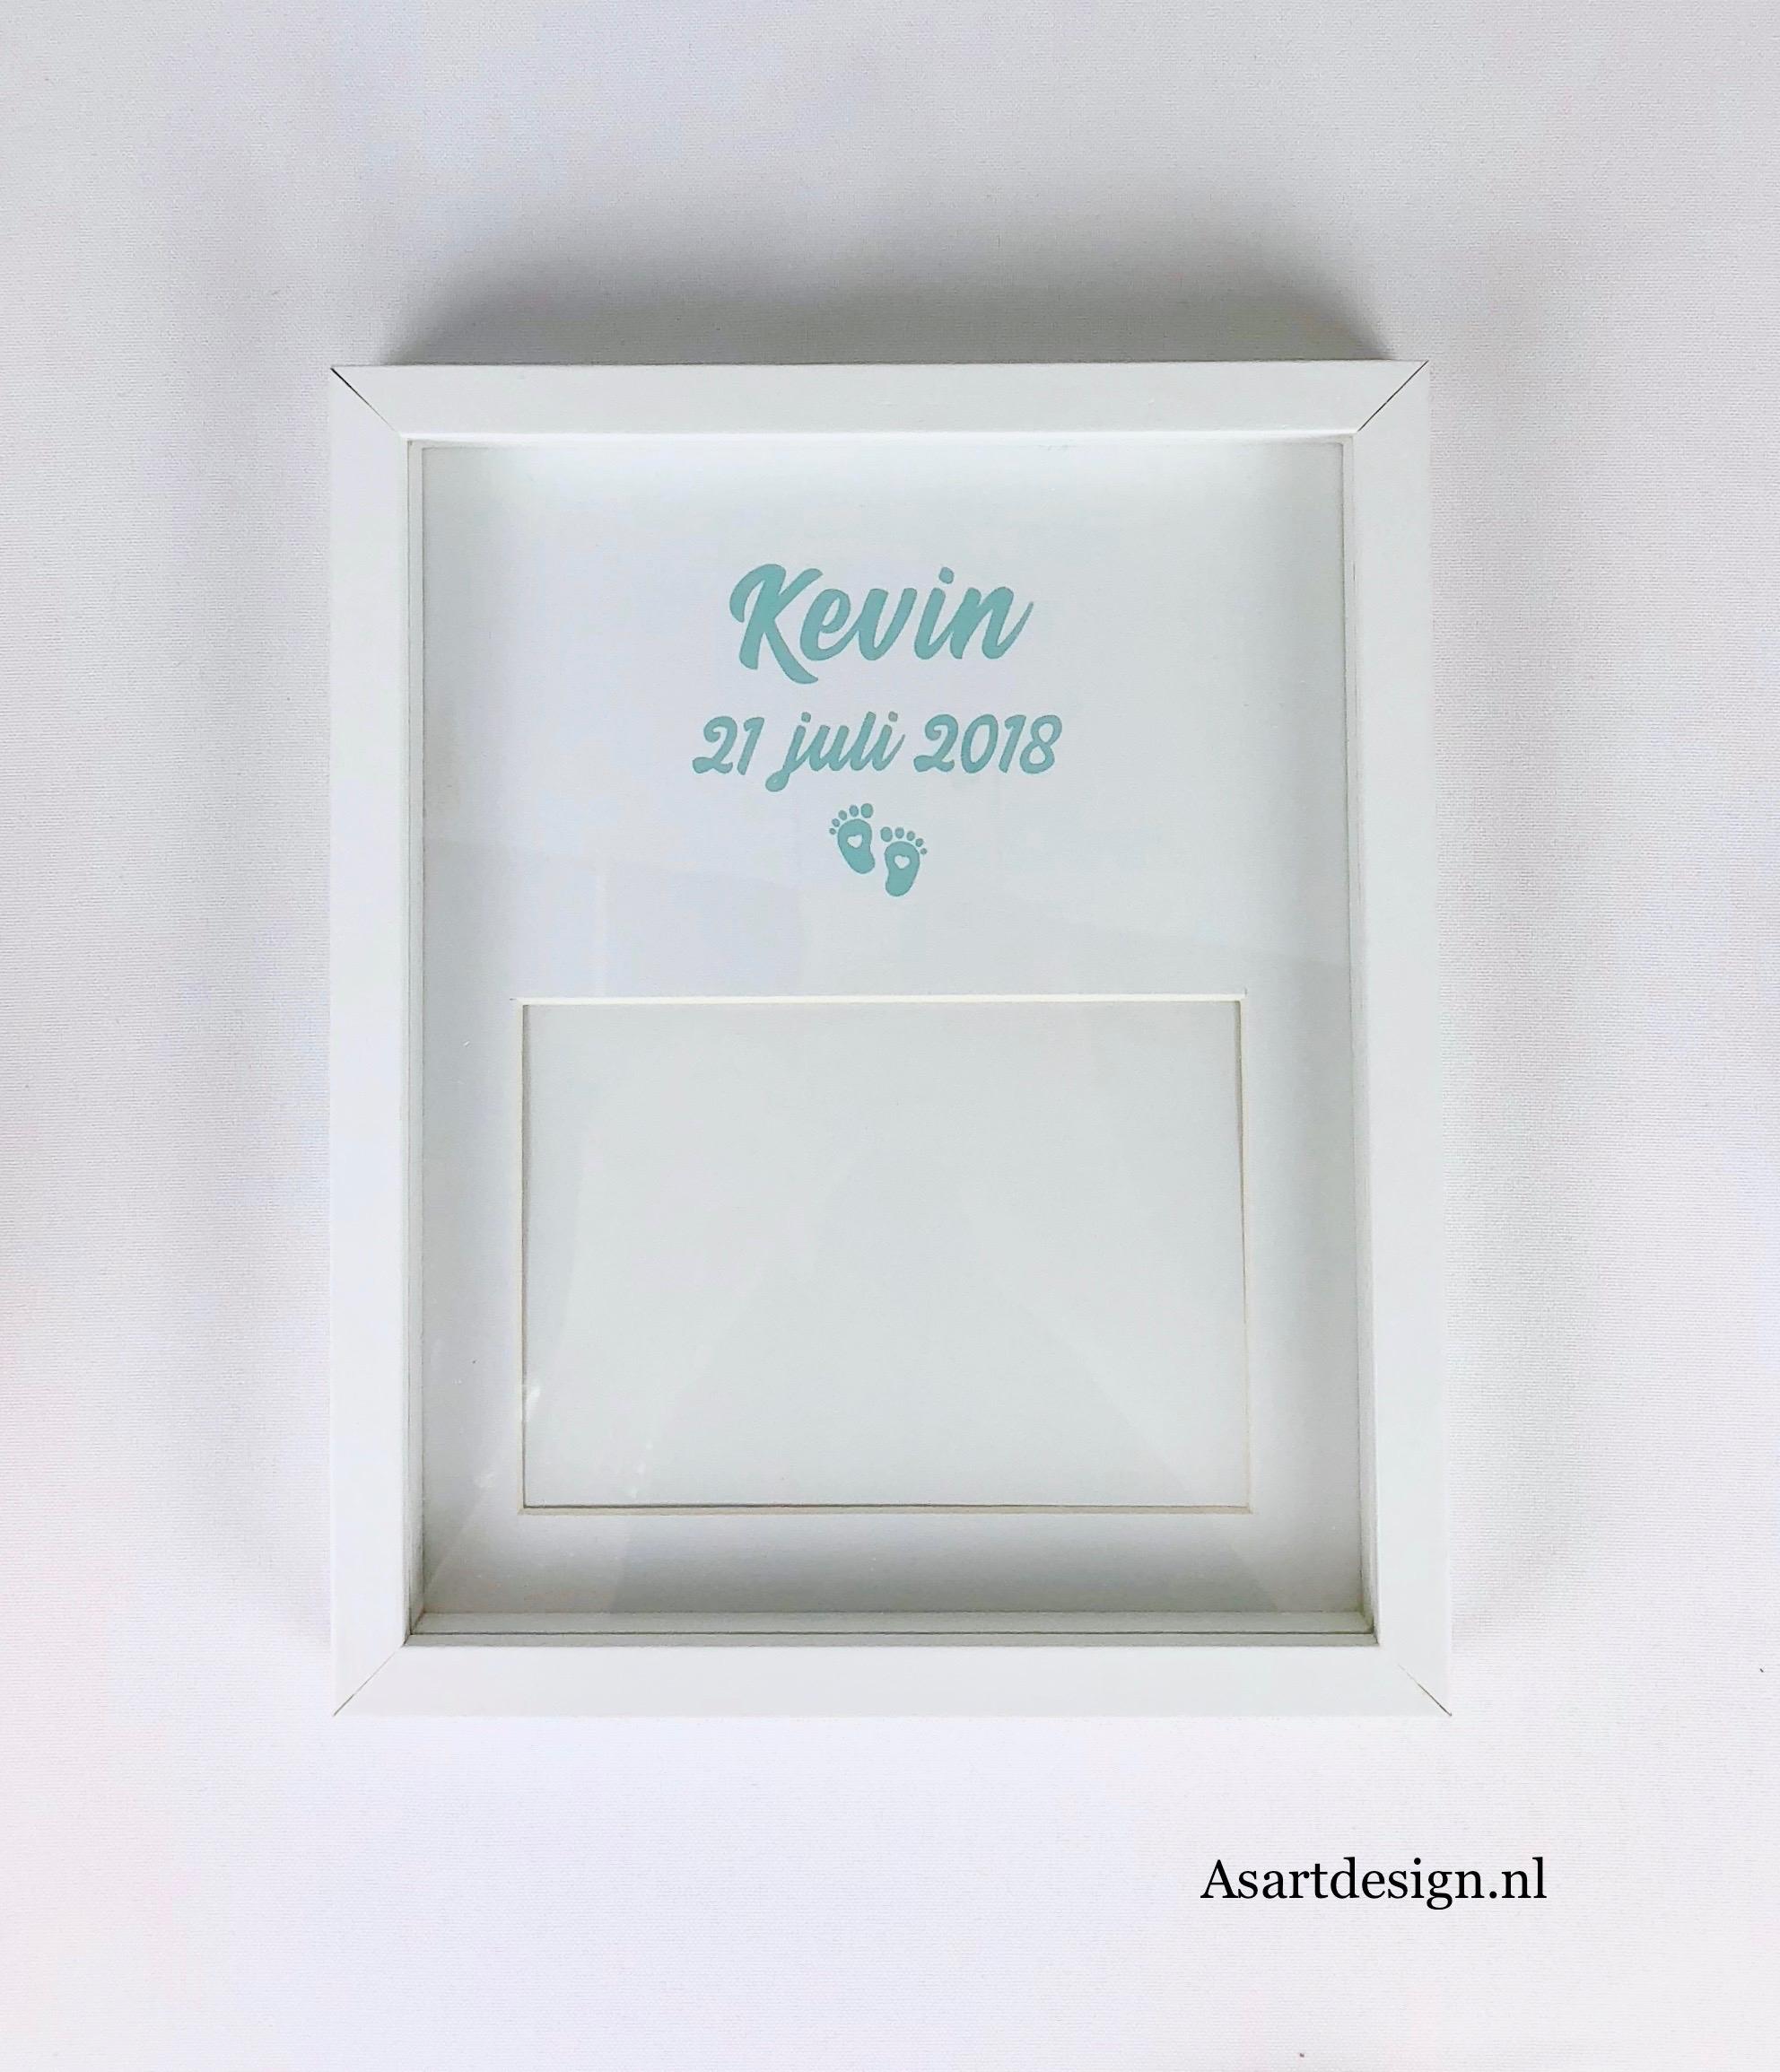 Geboorte fotolijst met naam en geboortedatum